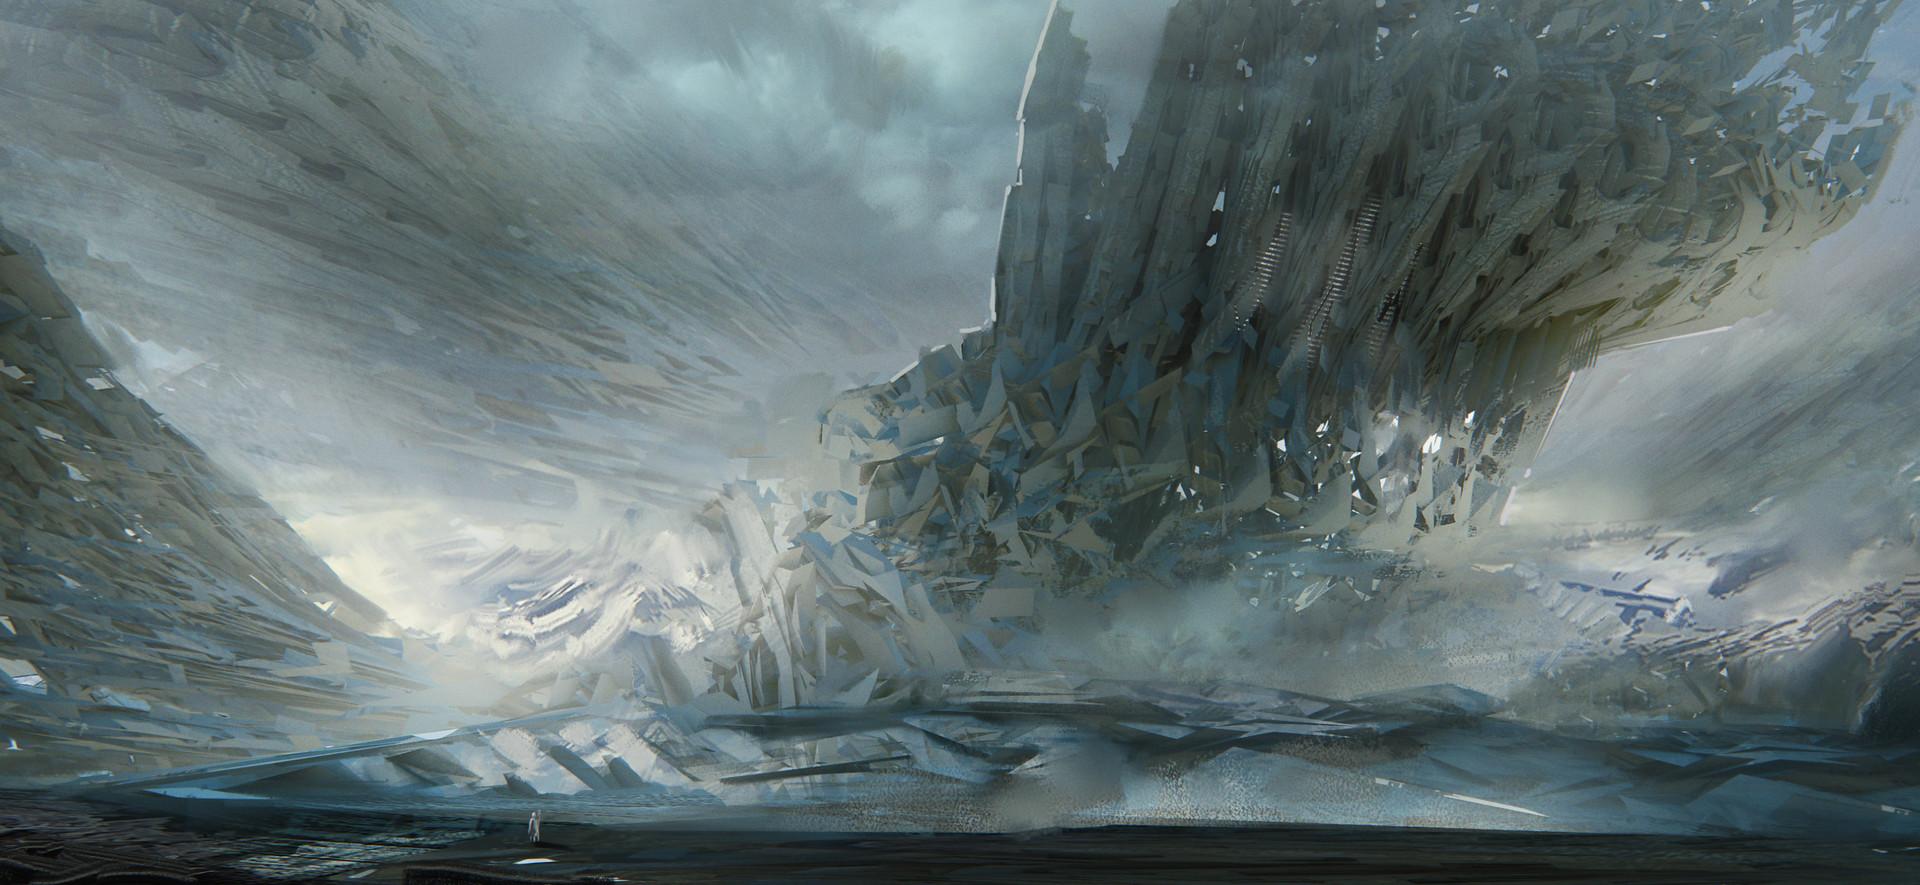 Leon tukker ice structure